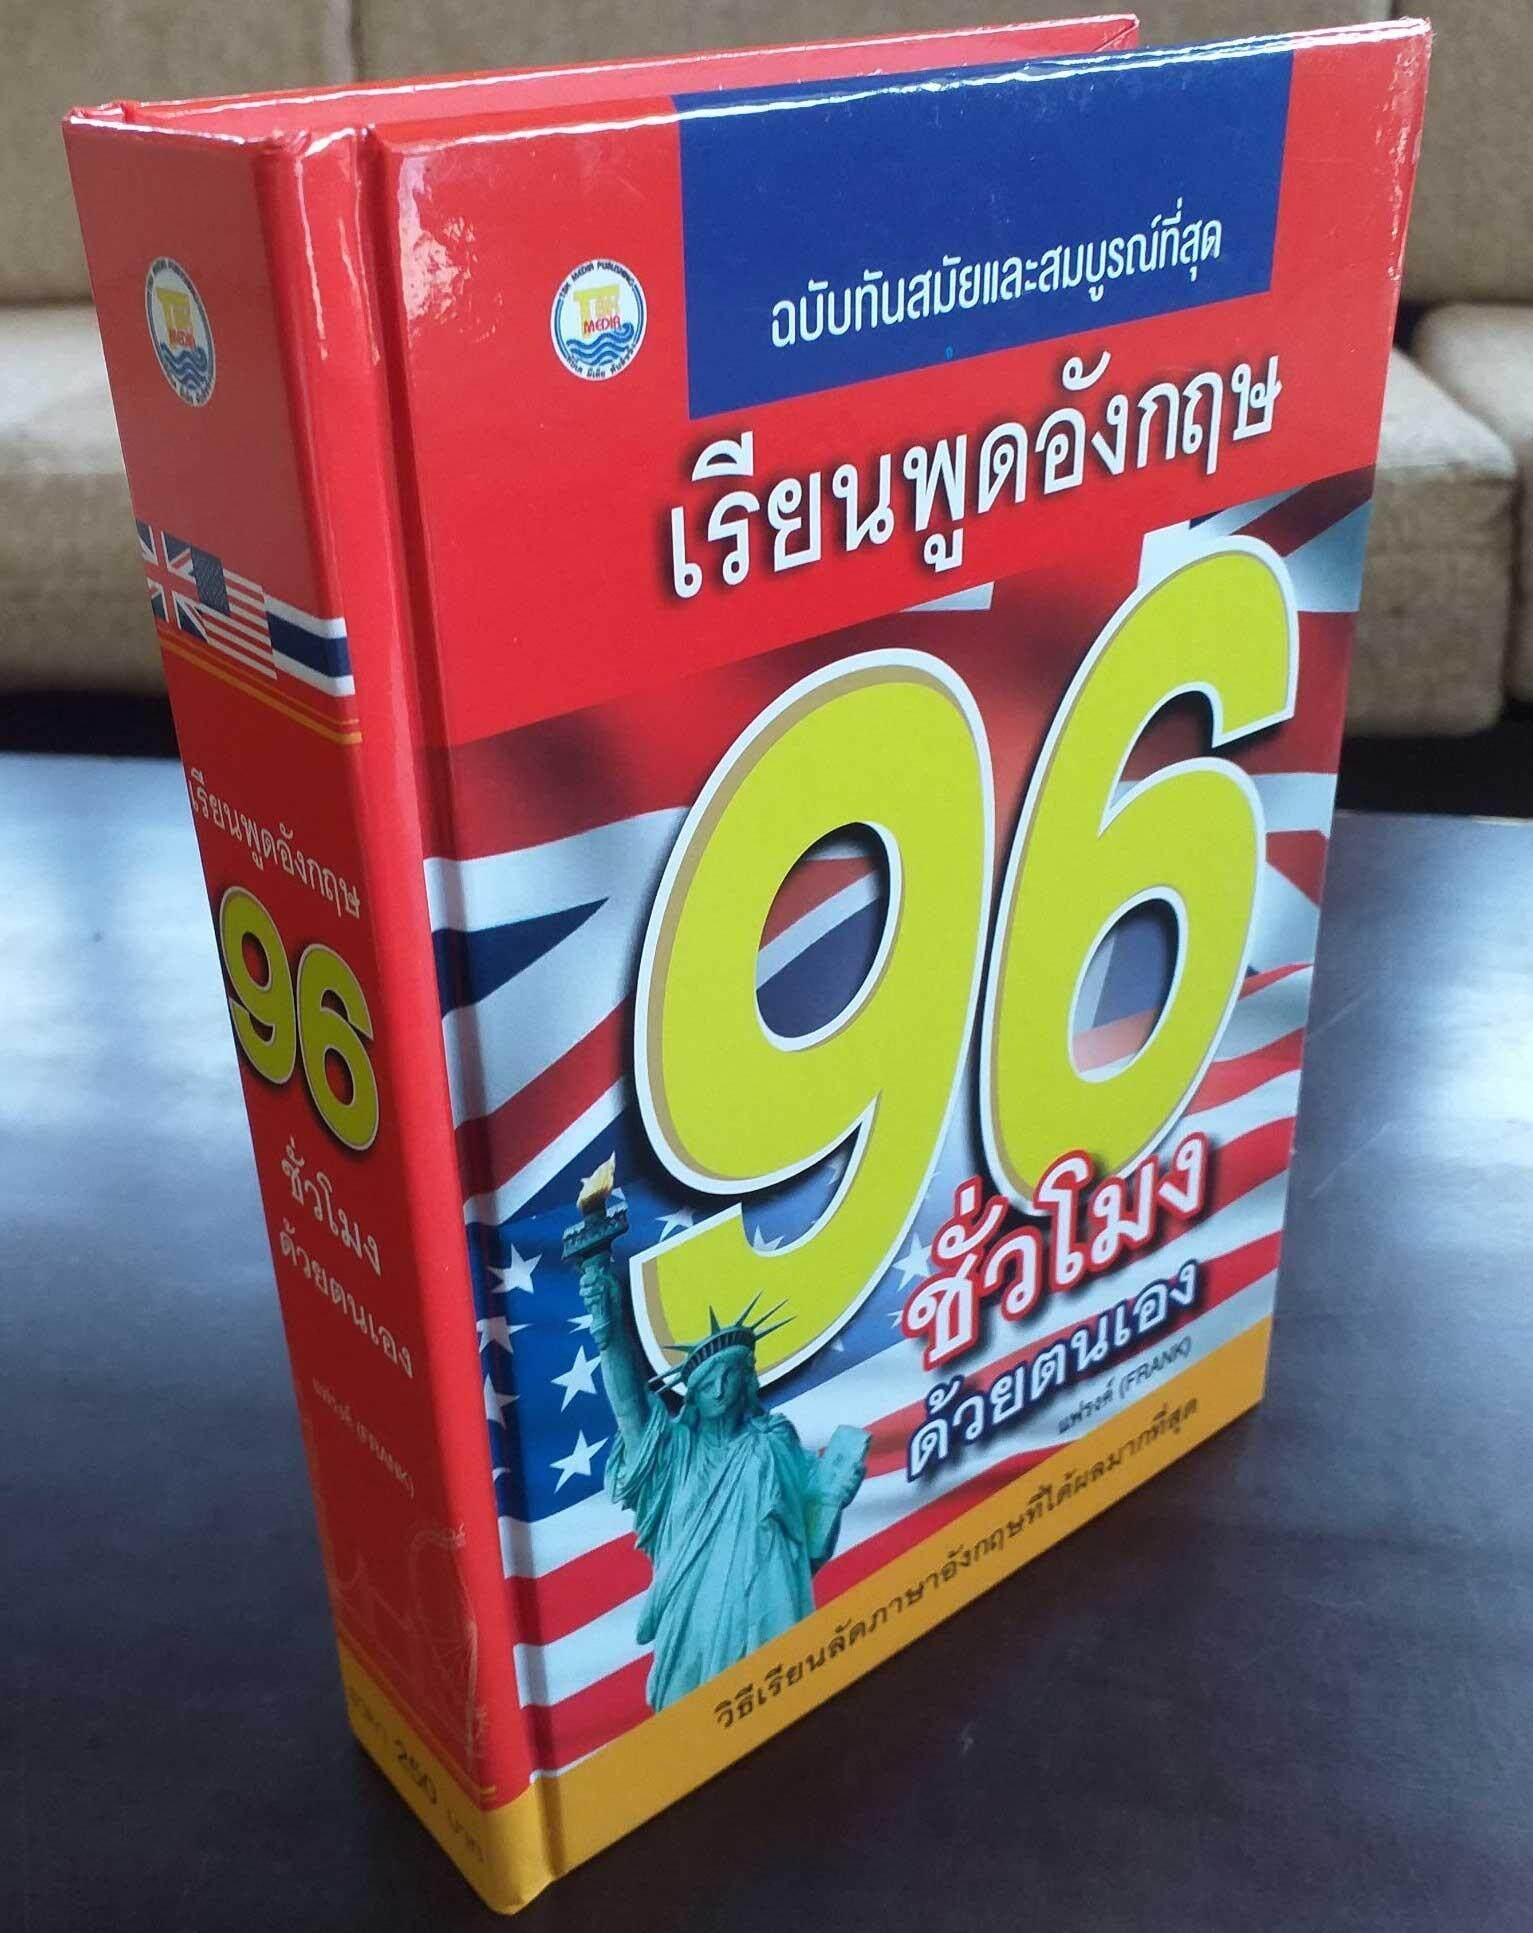 เรียนพูดอังกฤษ 96 ชั่วโมงด้วยตนเอง By Thaiqualitybooks